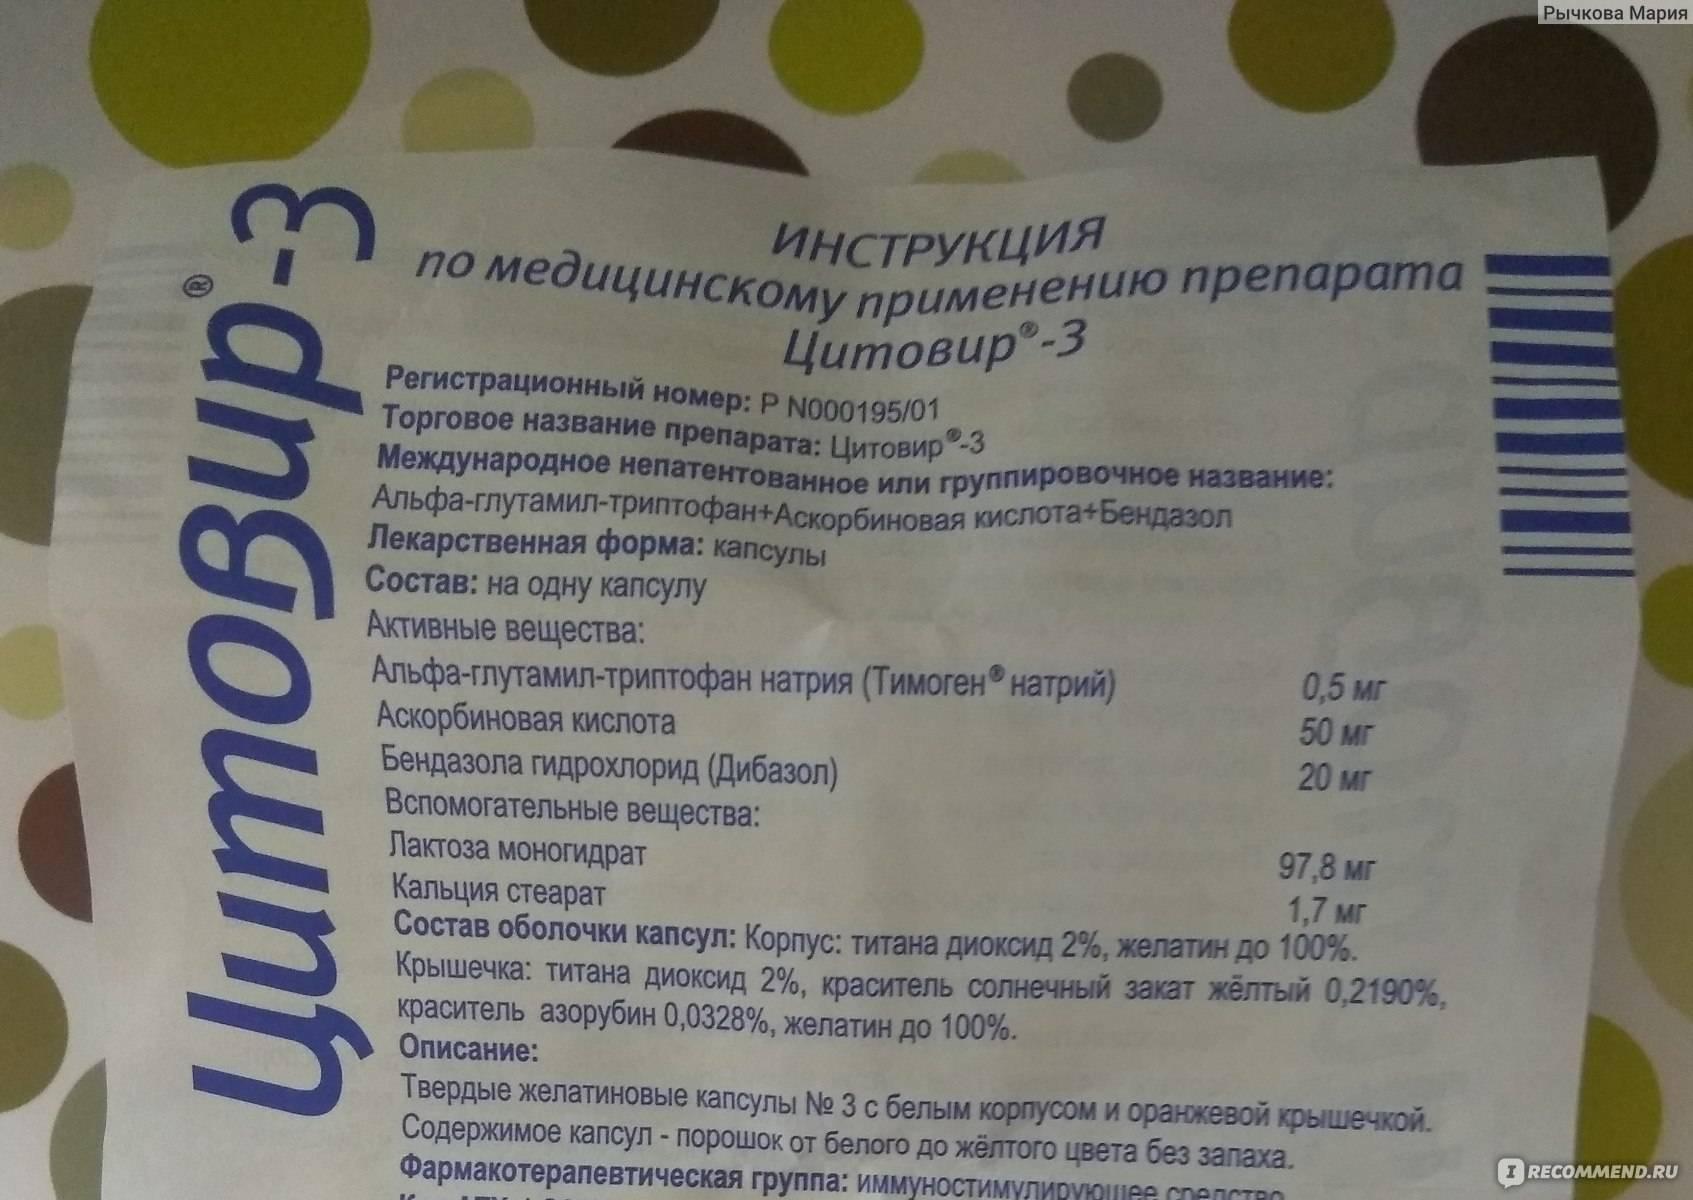 Сироп цитовир-3 для детей: инструкция по применению, состав, аналоги иммуностимулятора | «детское здоровье»